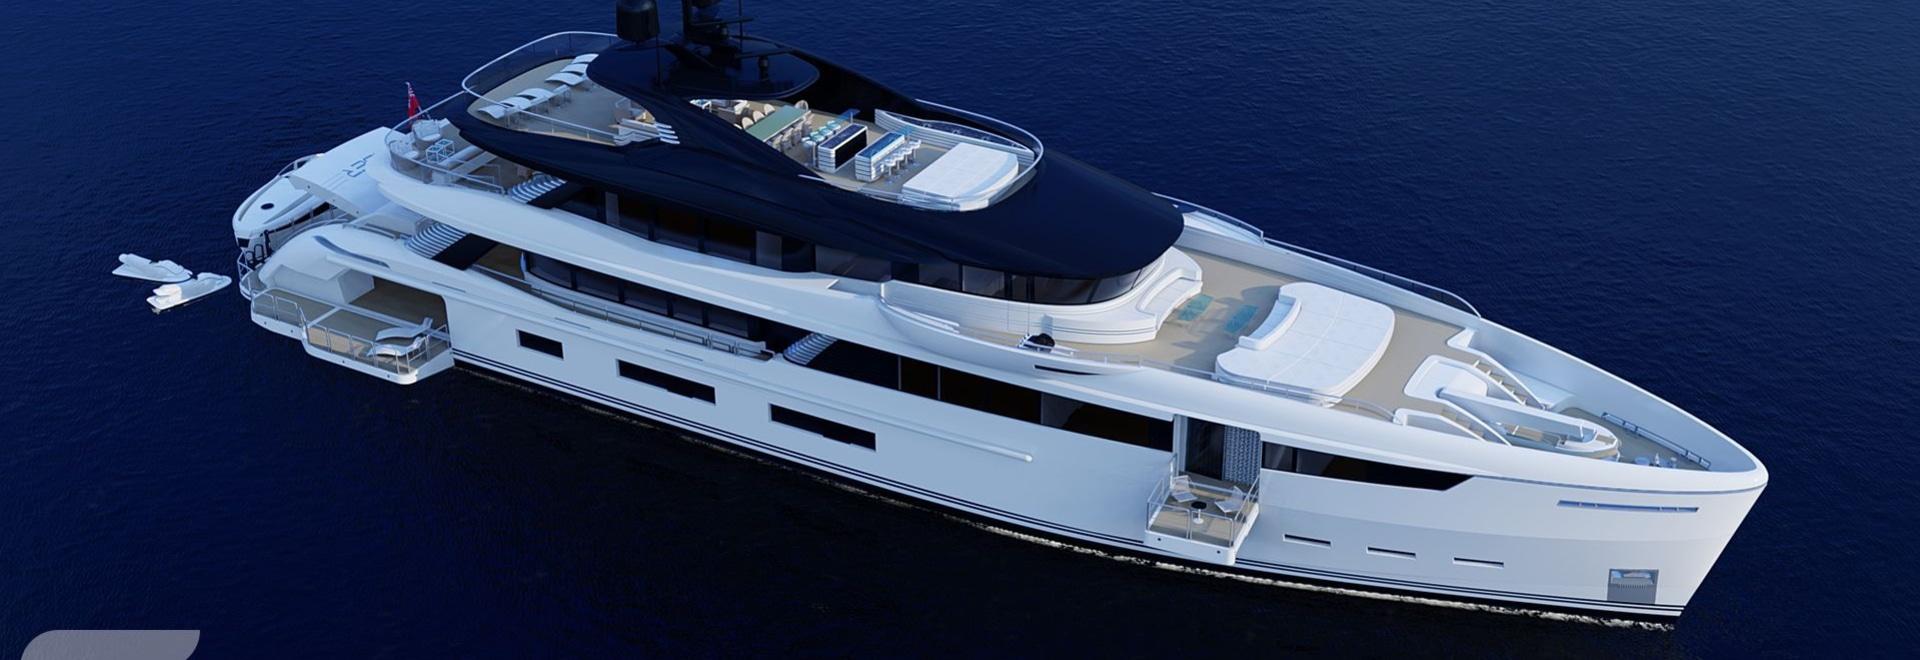 Construction starts on 54m Wider 180 superyacht